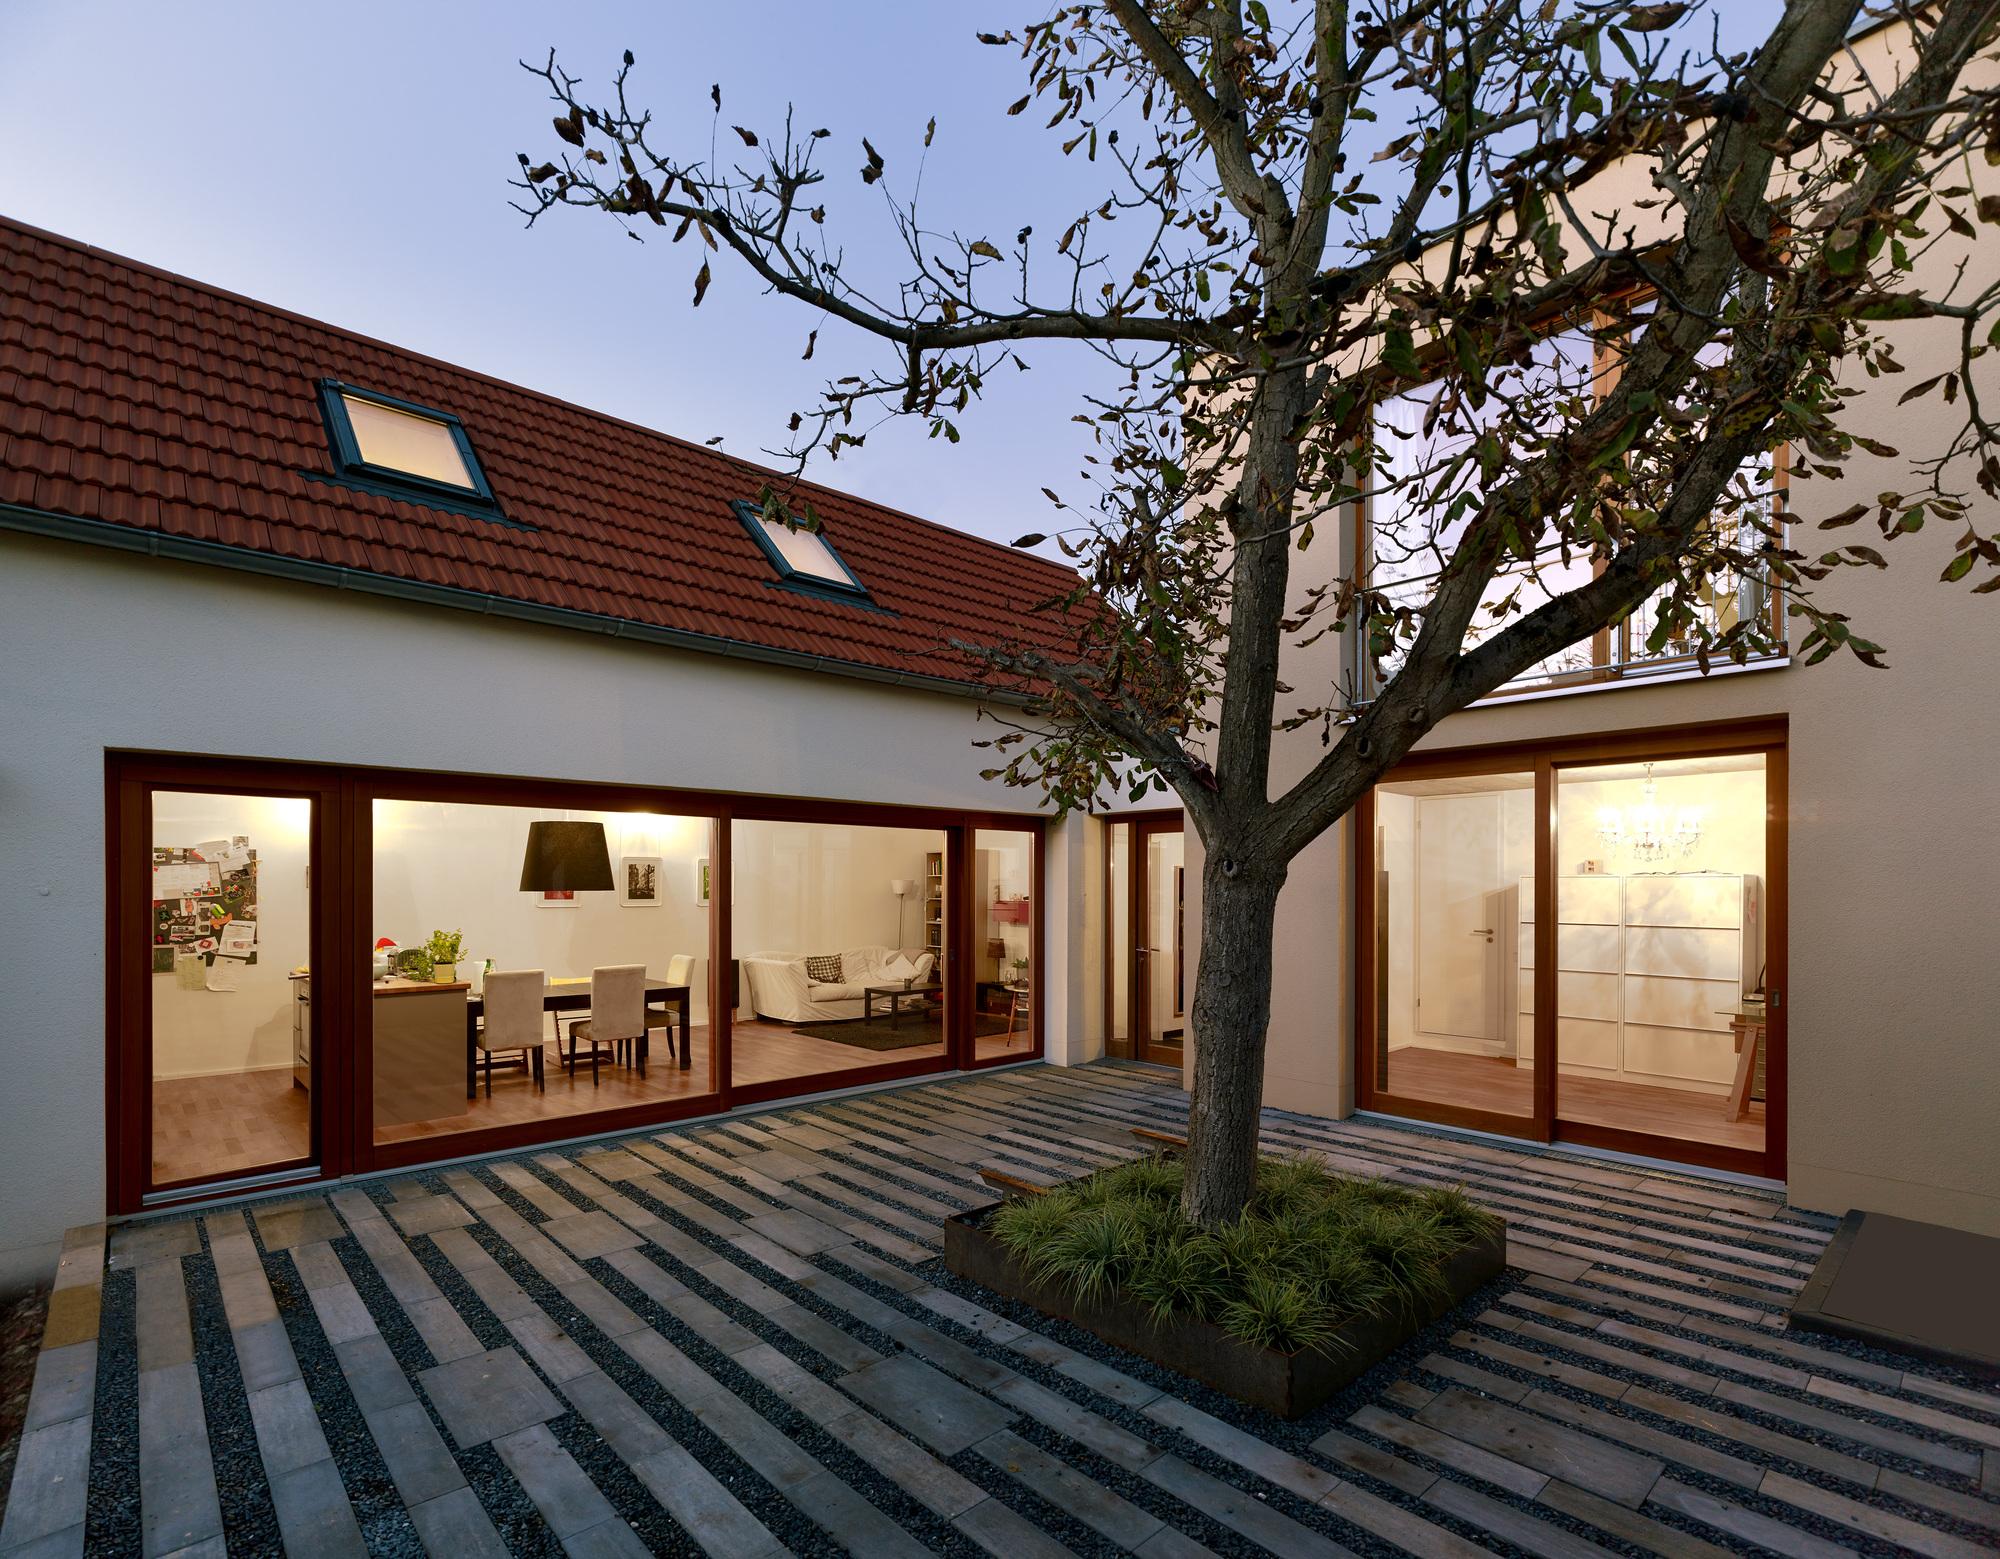 Architekt Mainz house ms heinrich lessing architekt bda archdaily